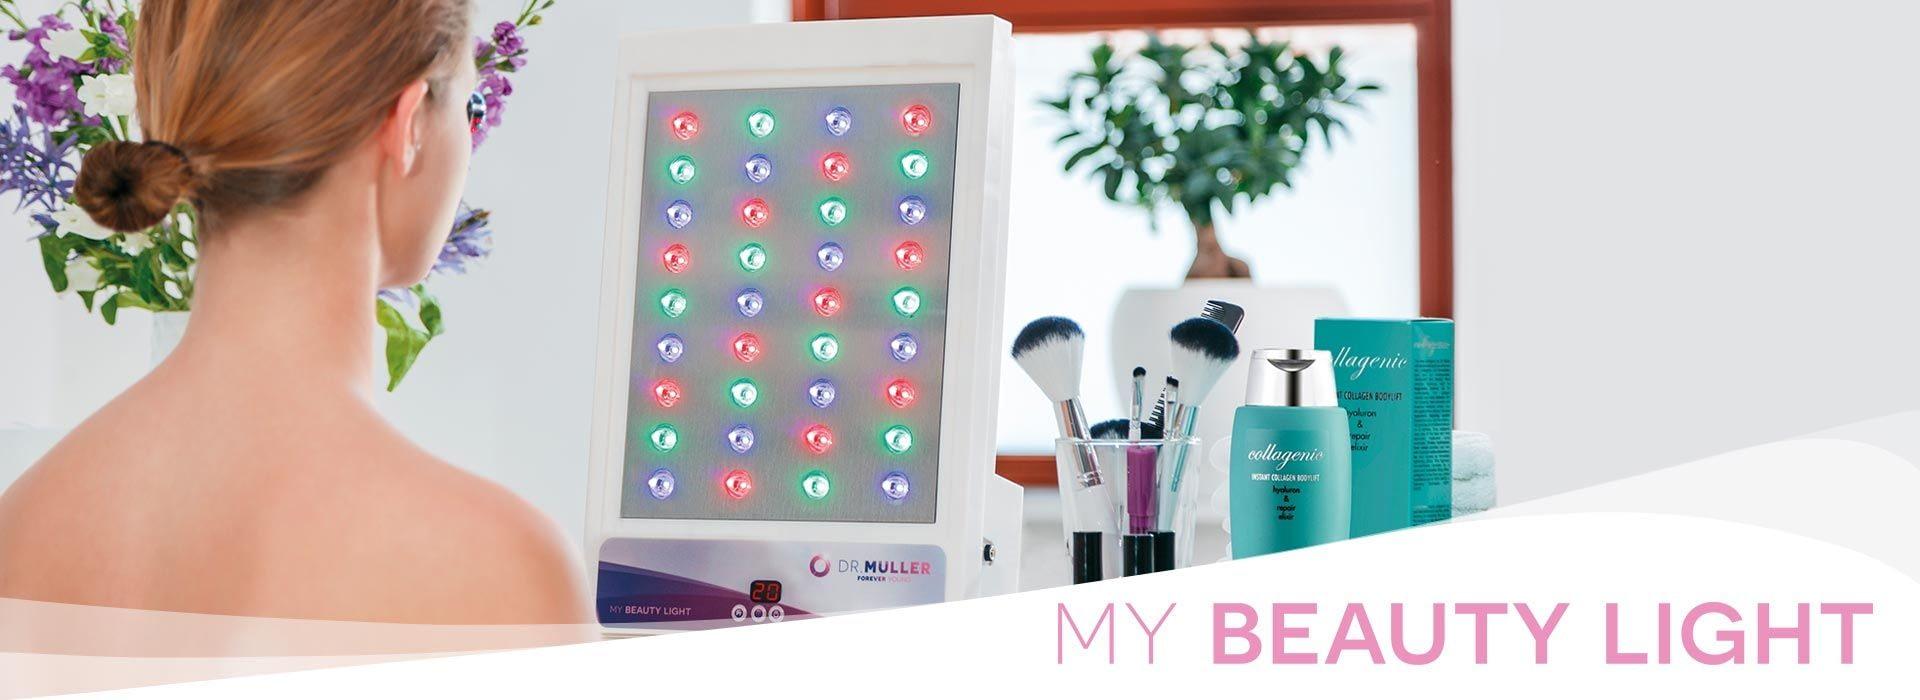 My Beauty Light